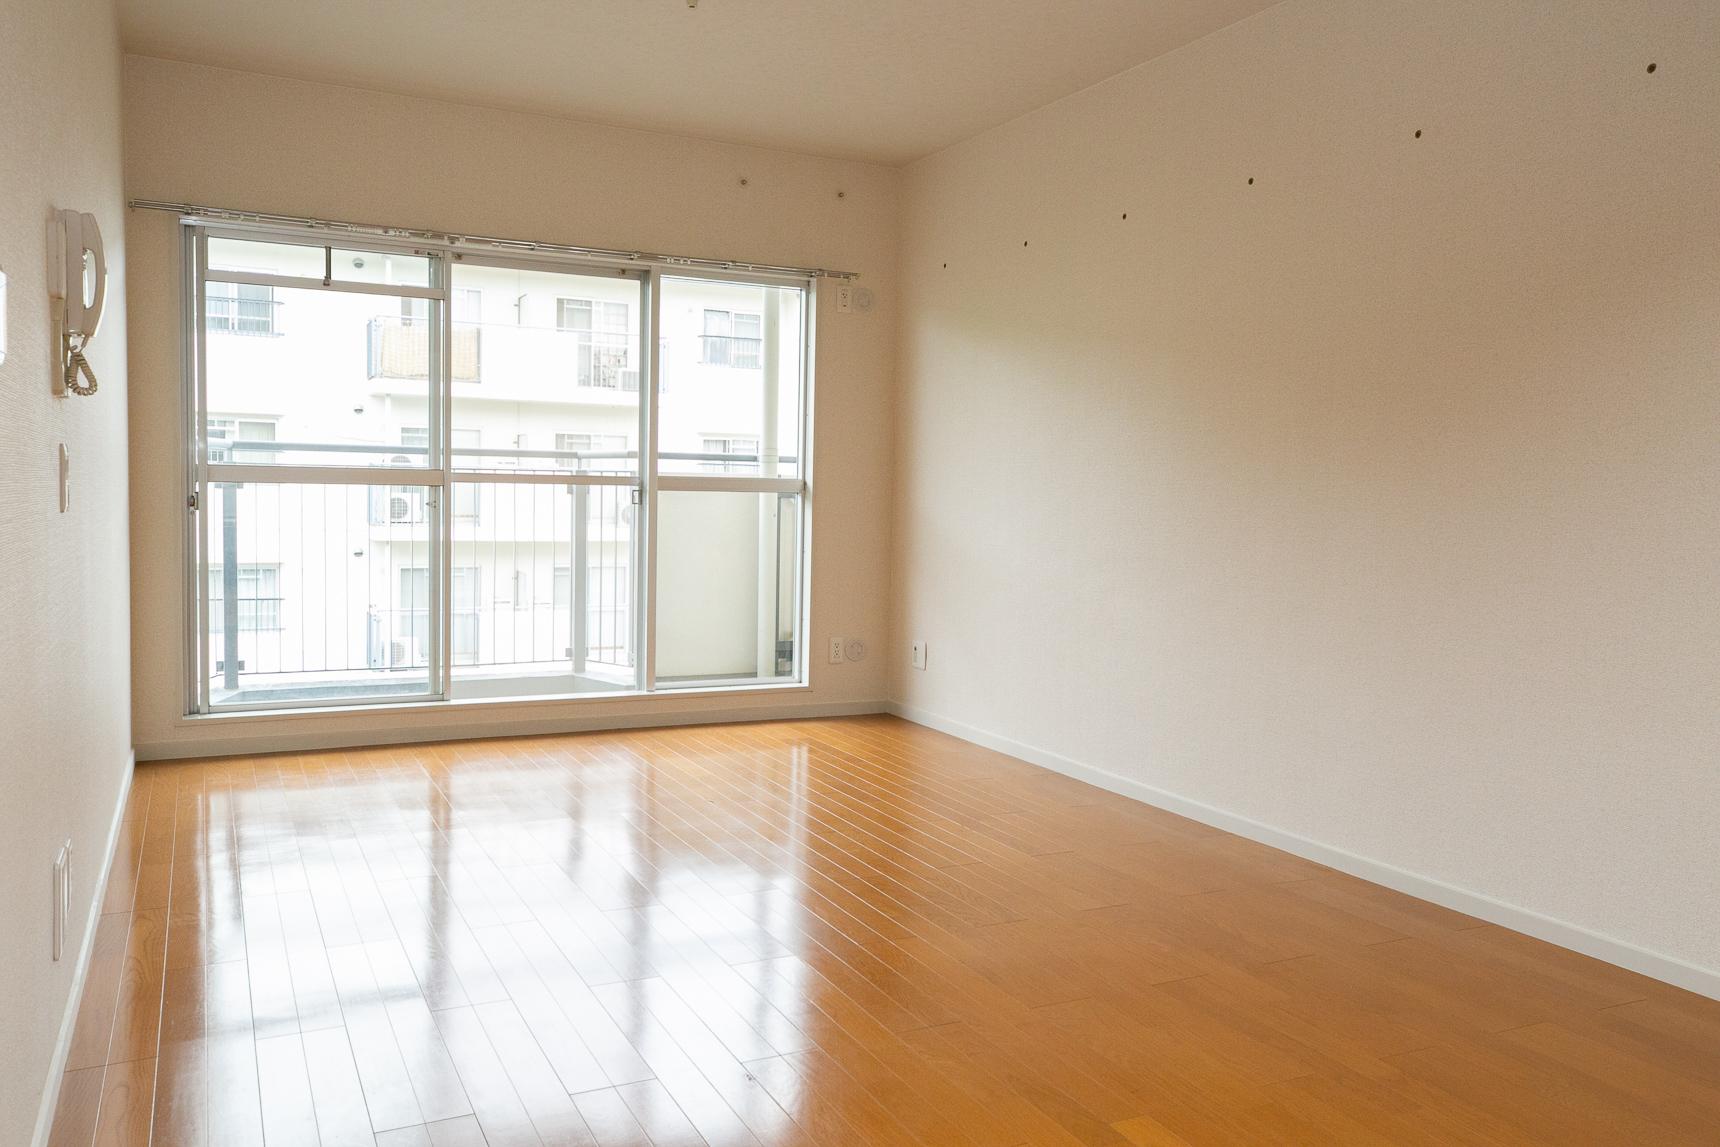 この洋室の隣に、現在閉鎖中のもうひとつの部屋があるということなんですが……言われないと全然気づかないですね。